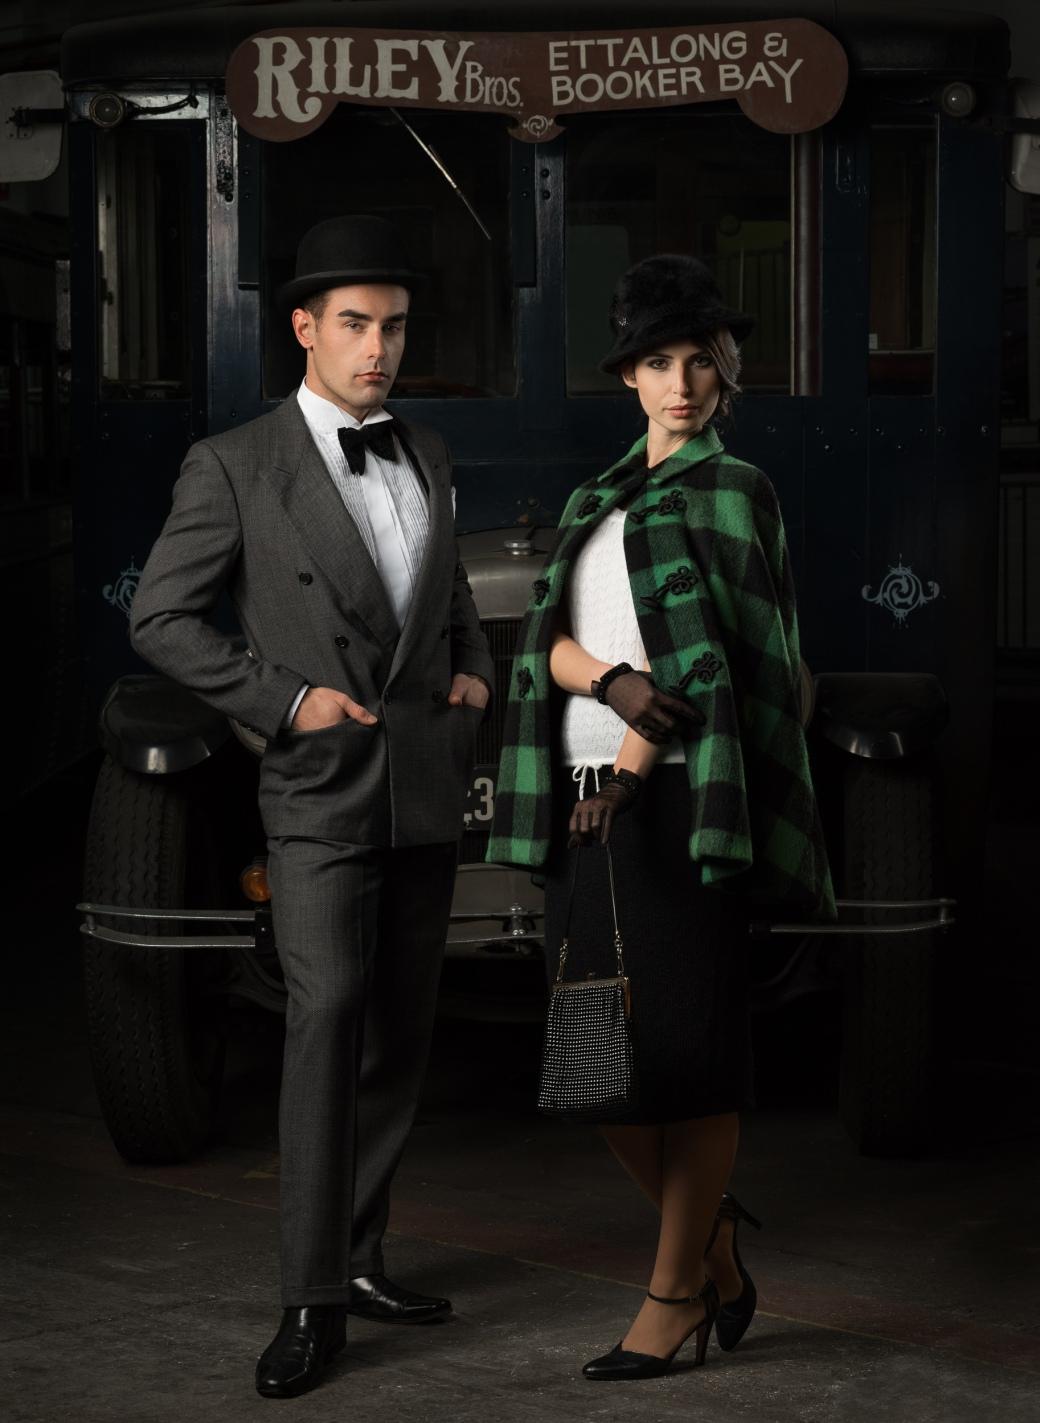 Romancic_Commute_Vintage_Bus_Museum-399-Edit